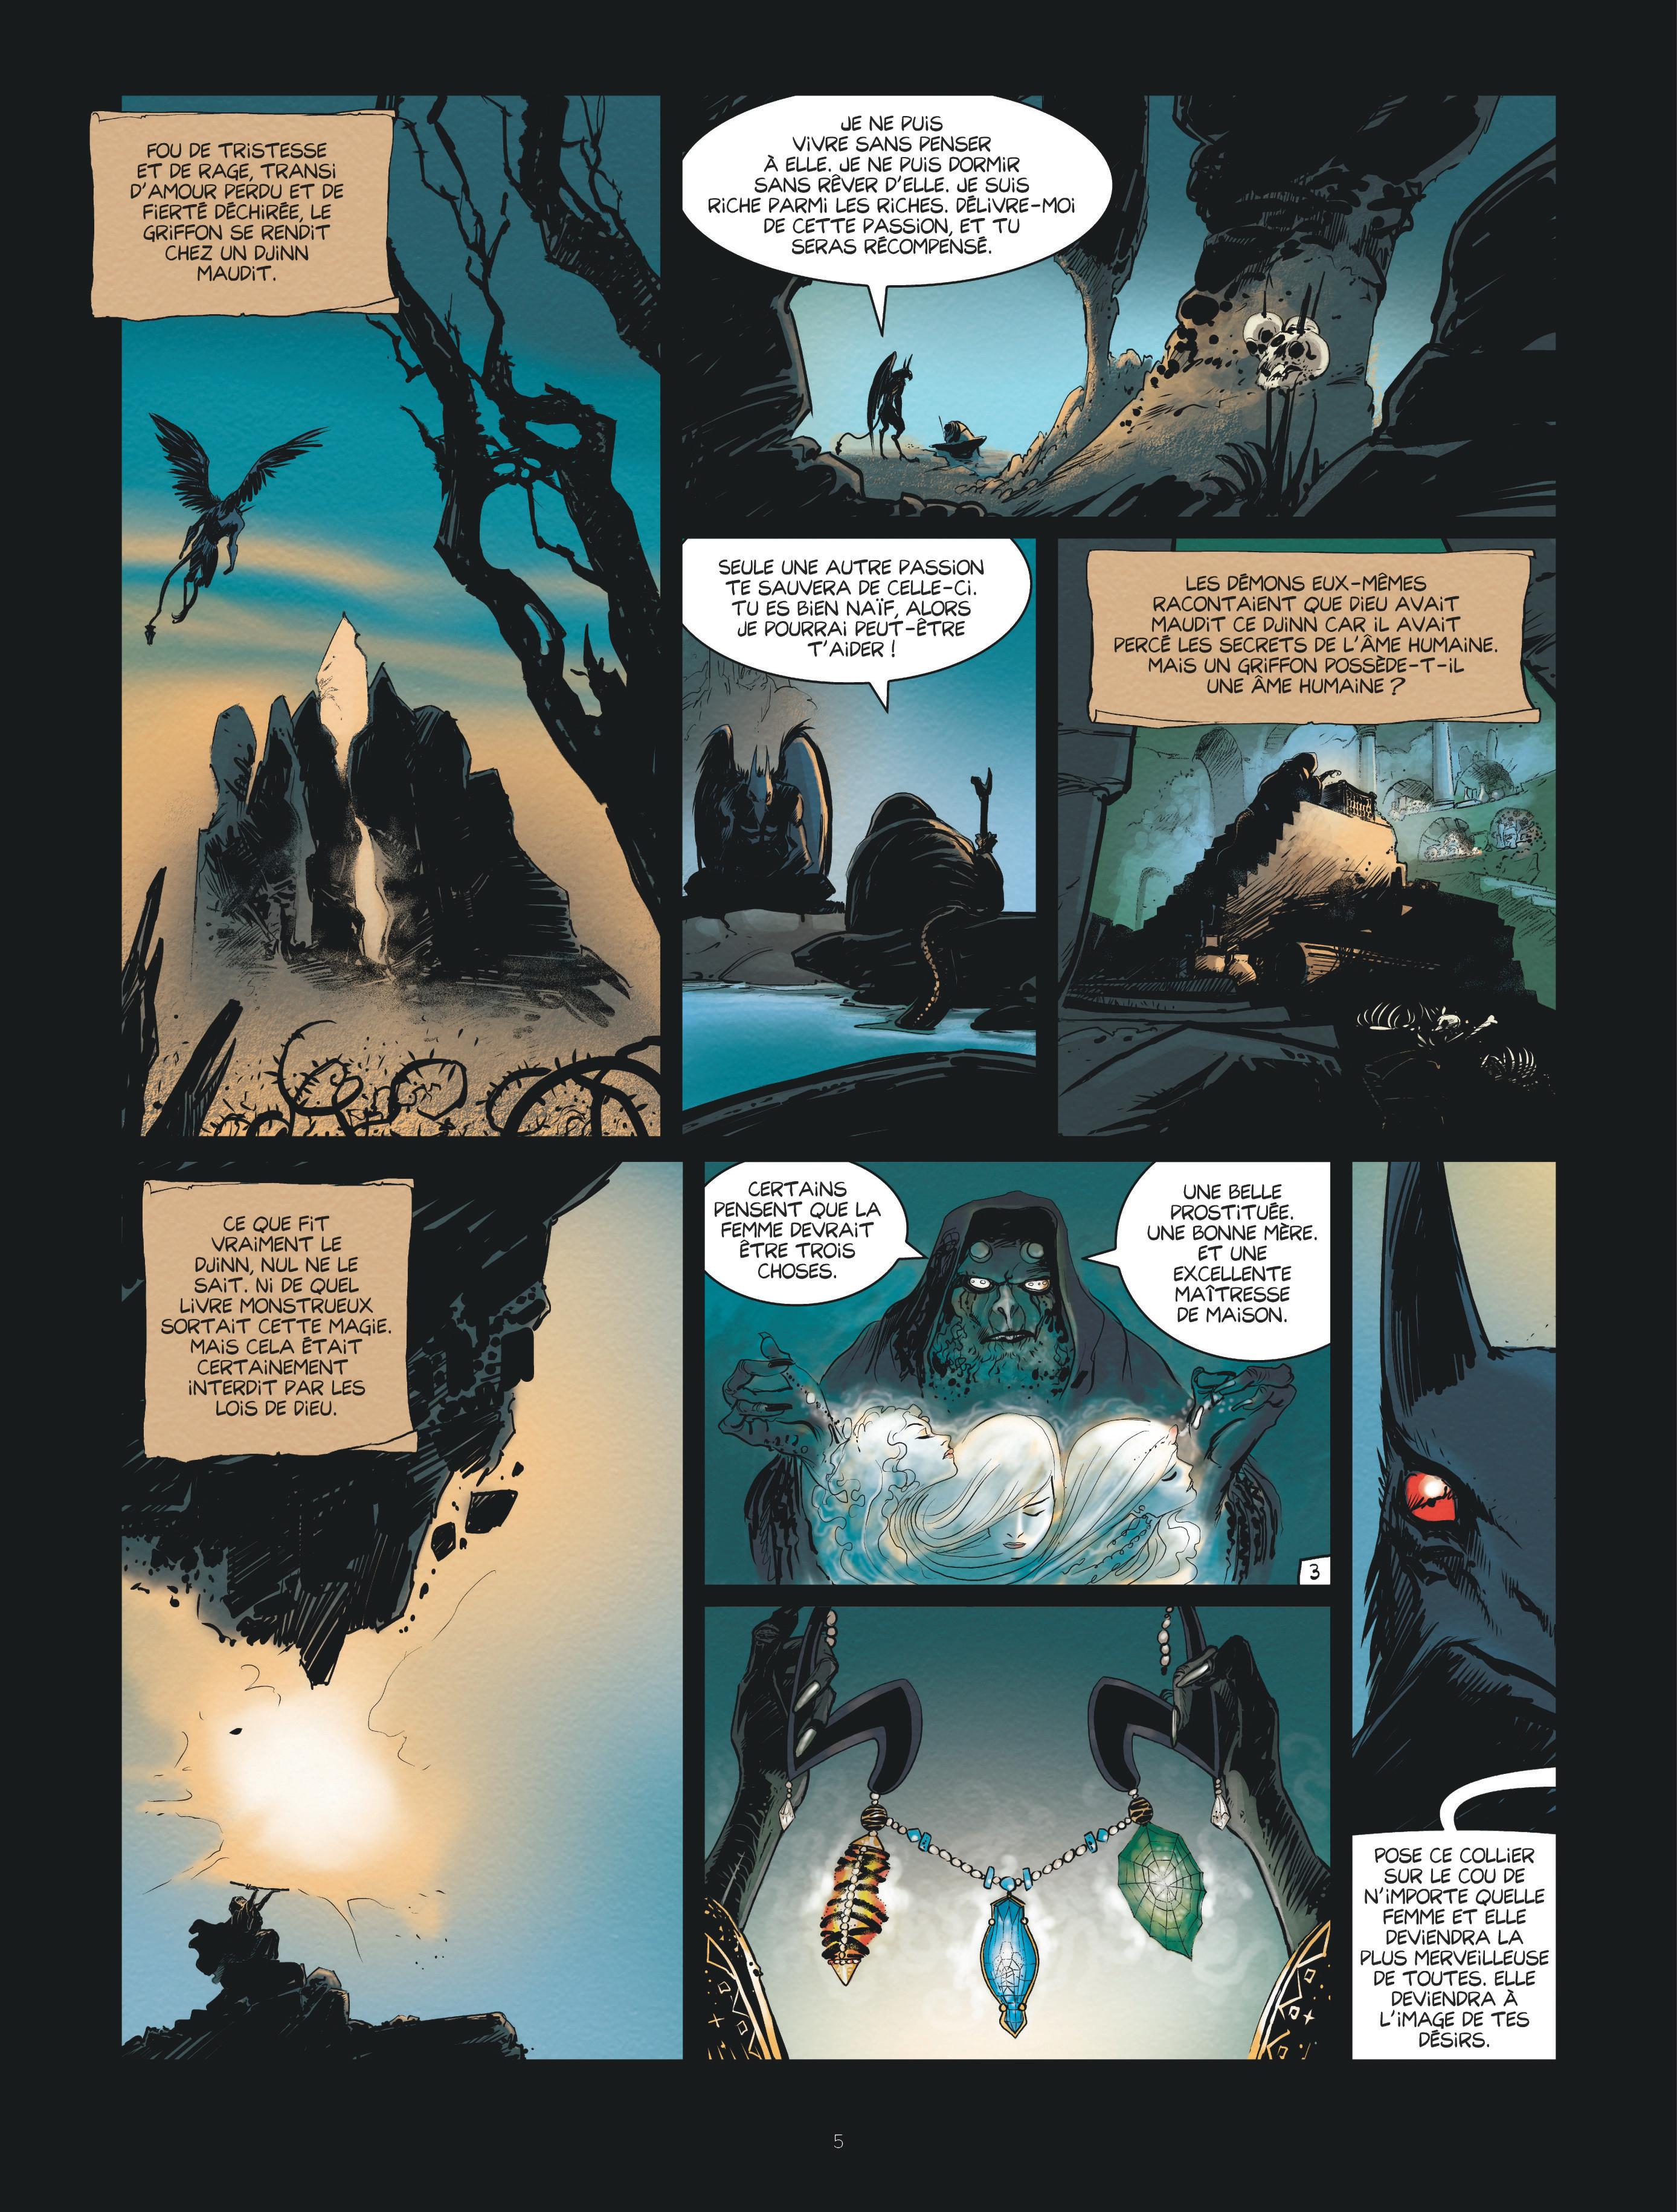 Mille_et_autres_nuits#1_Page 5